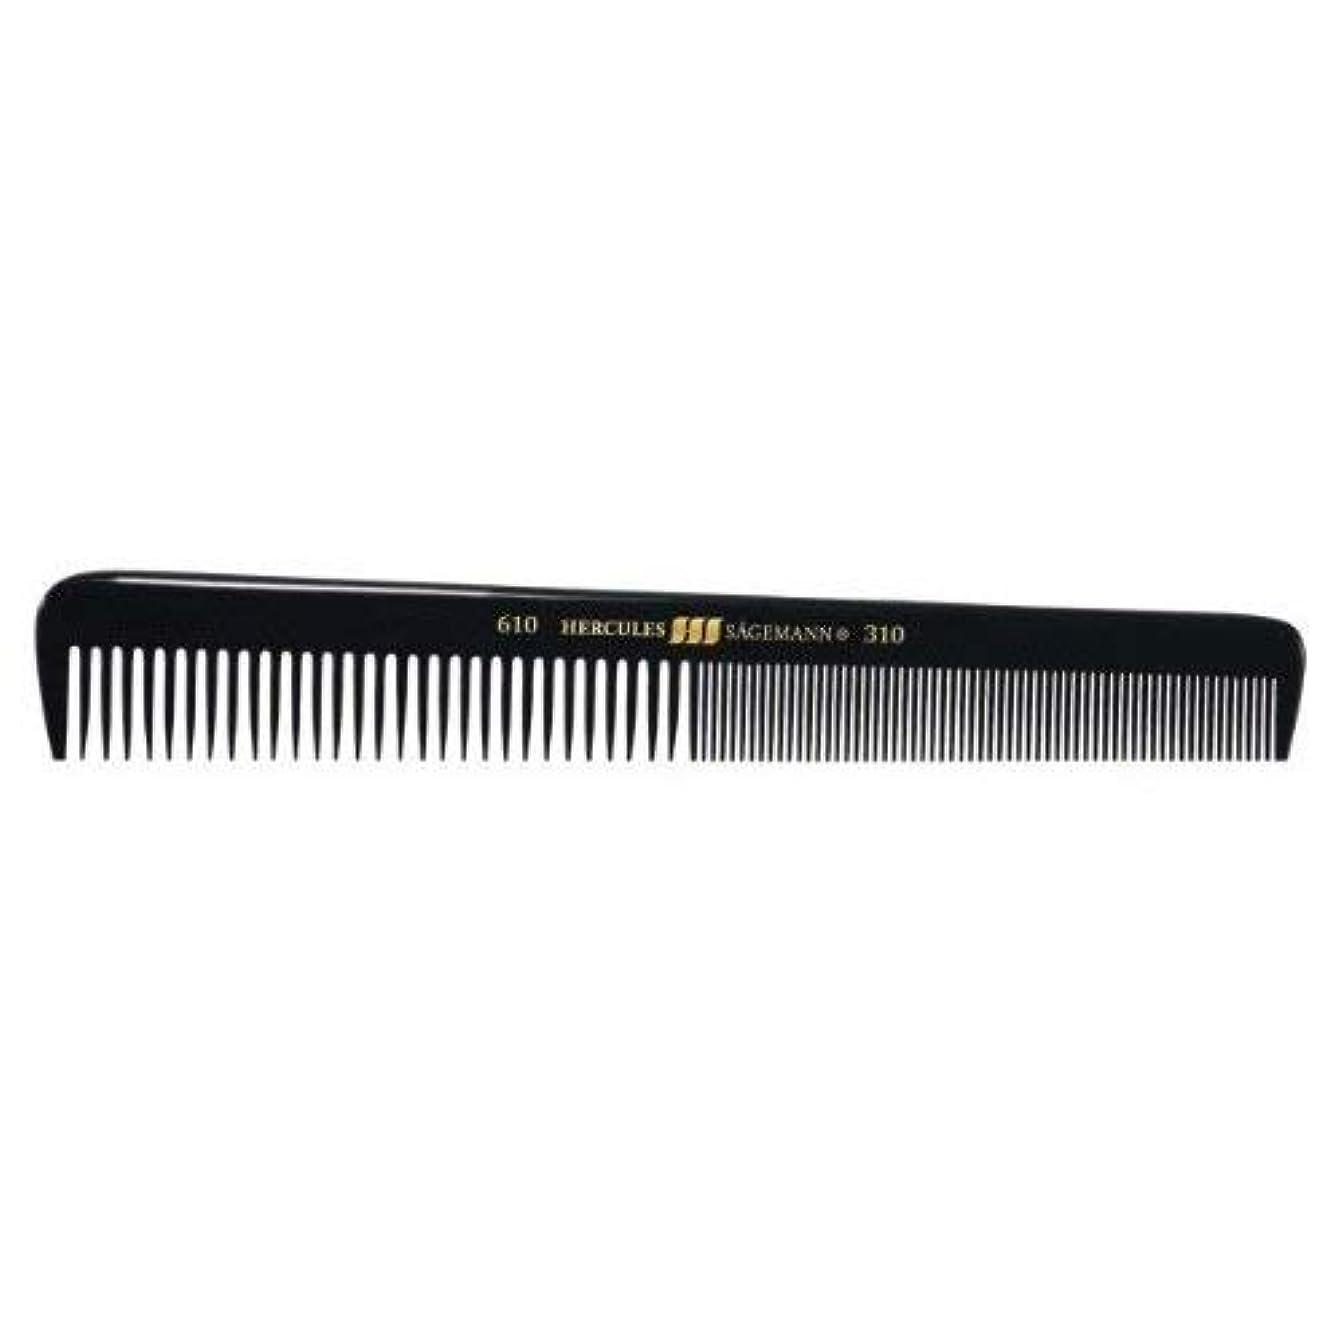 治安判事大胆不敵忘れるHercules S?gemann Gents Comb for short hair | Ebonite - Made in Germany [並行輸入品]